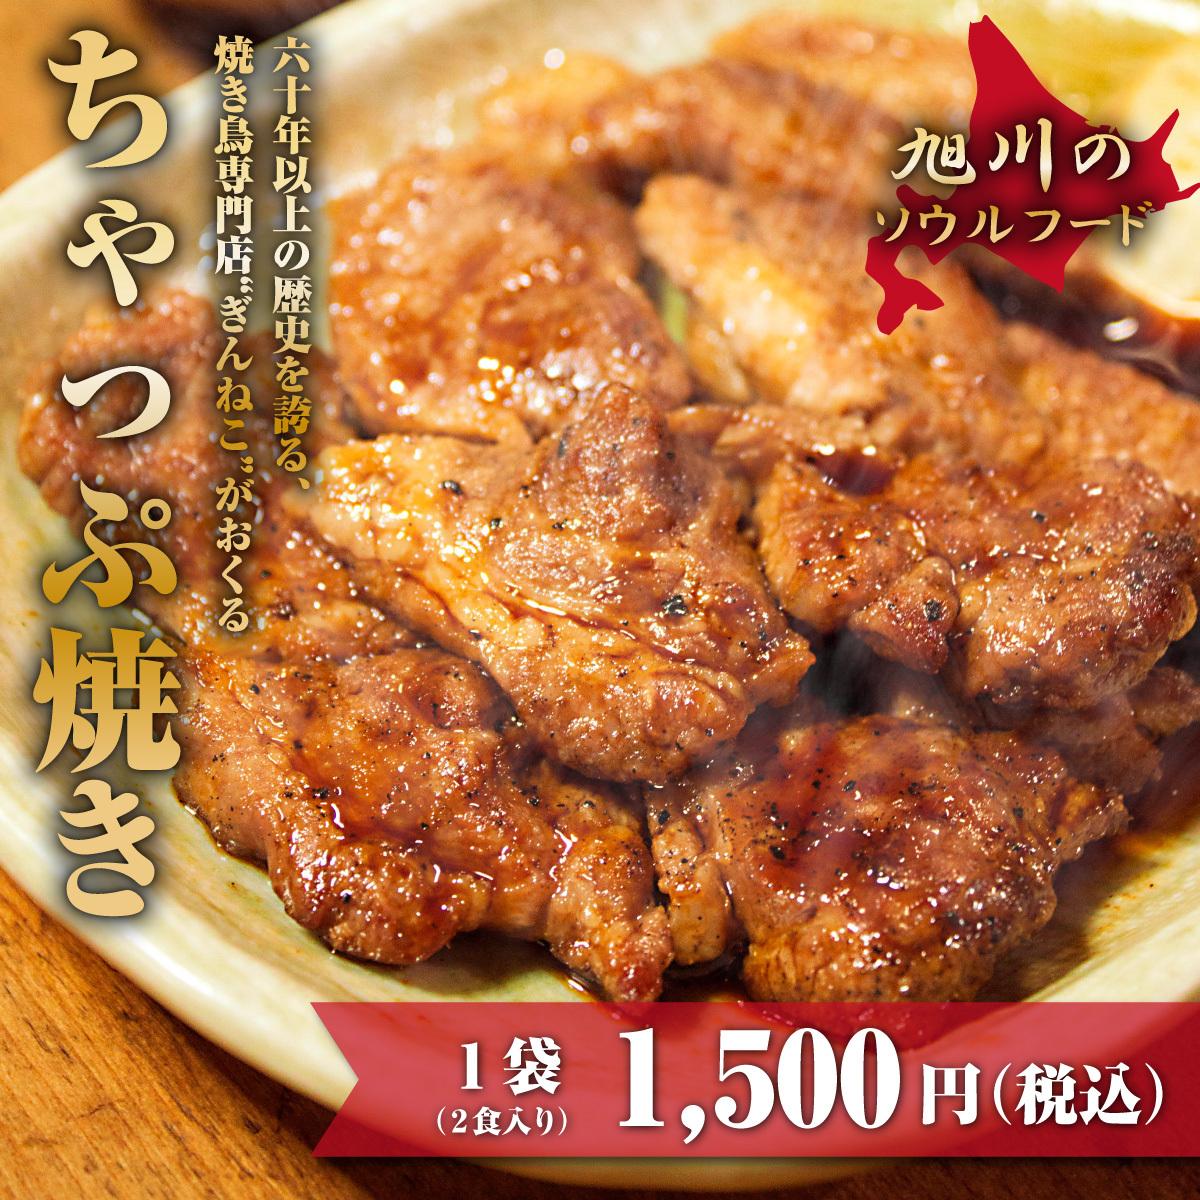 【1袋2食入】ちゃっぷ焼き真空冷凍パック